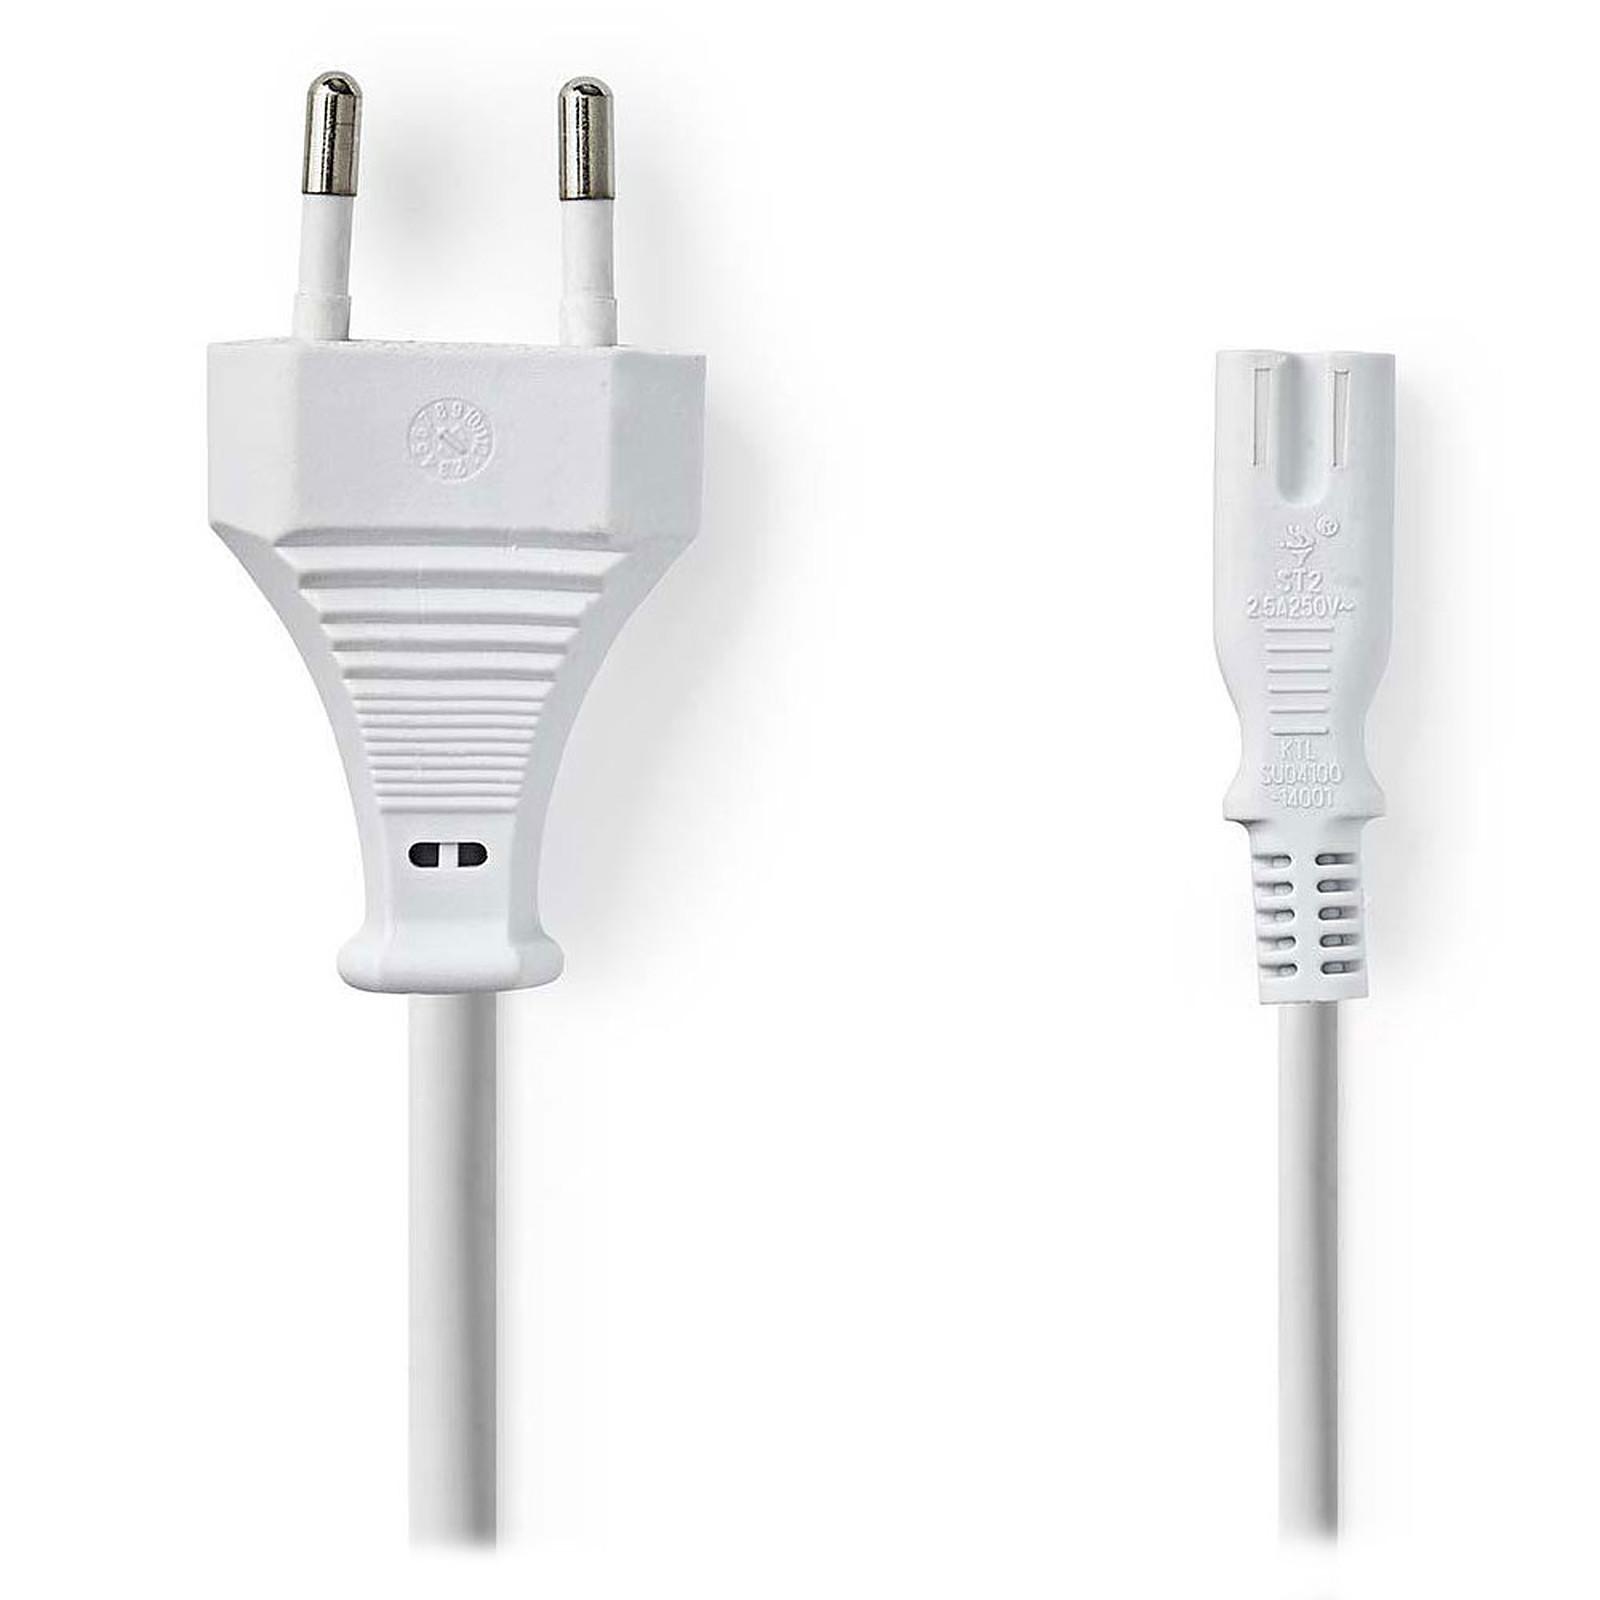 Nedis Câble d'alimentation bipolaire C7 blanc - 2 mètres